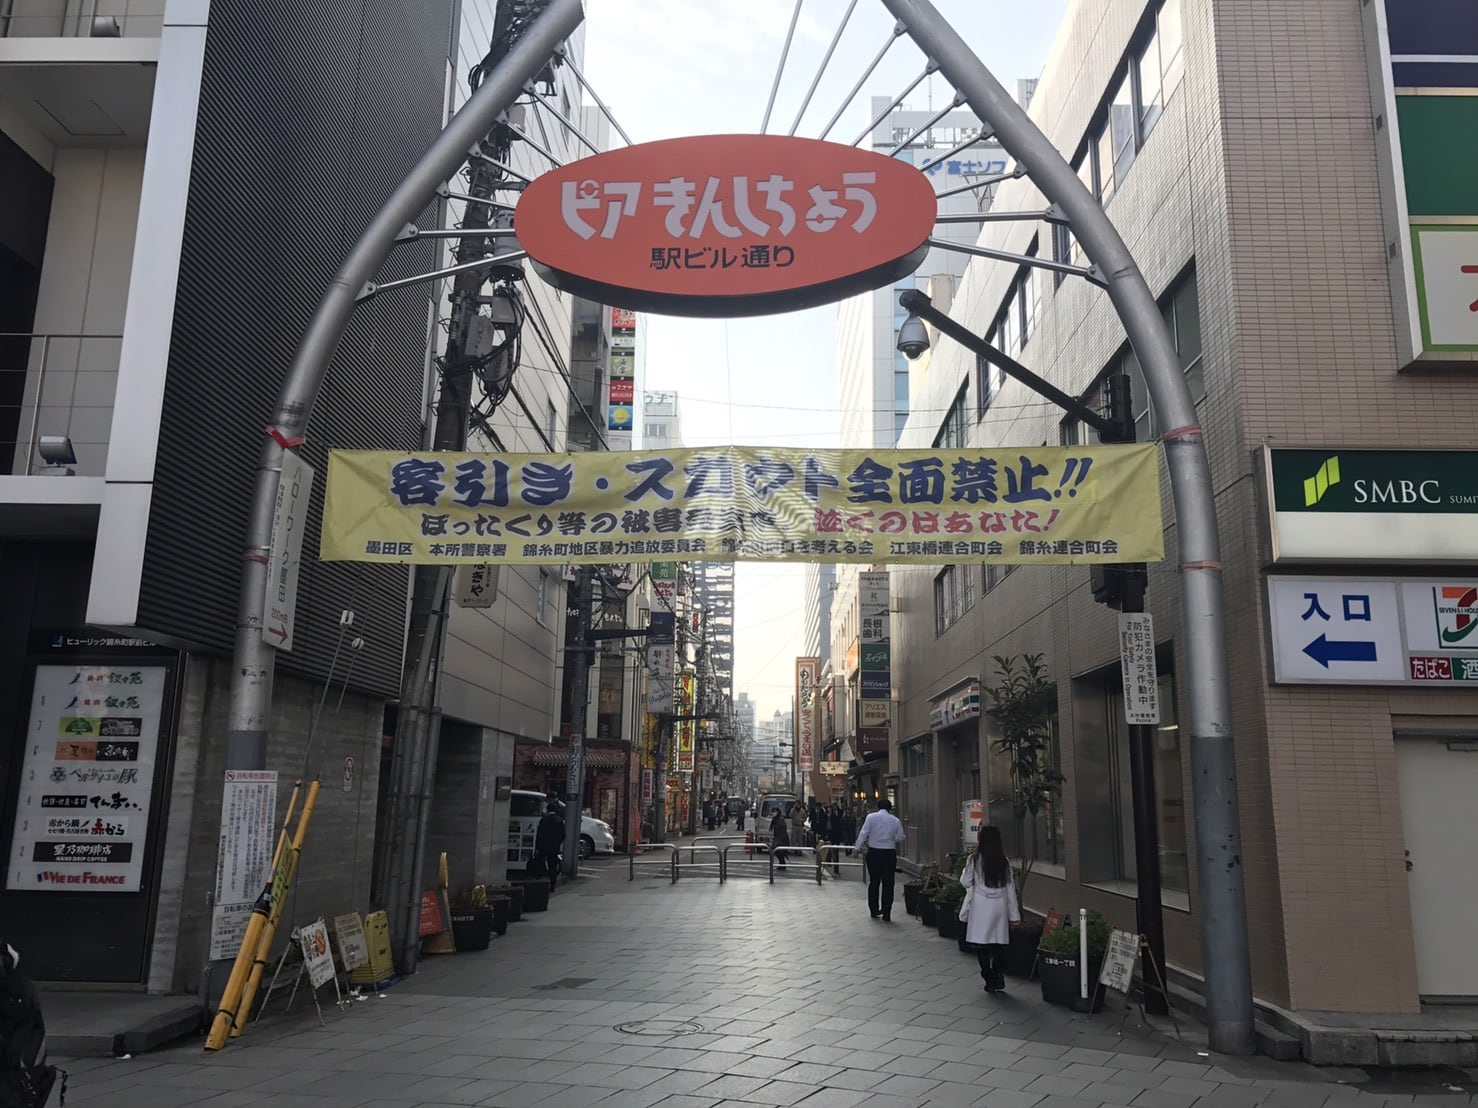 「ピア錦糸町駅ビル通り」のイメージ写真